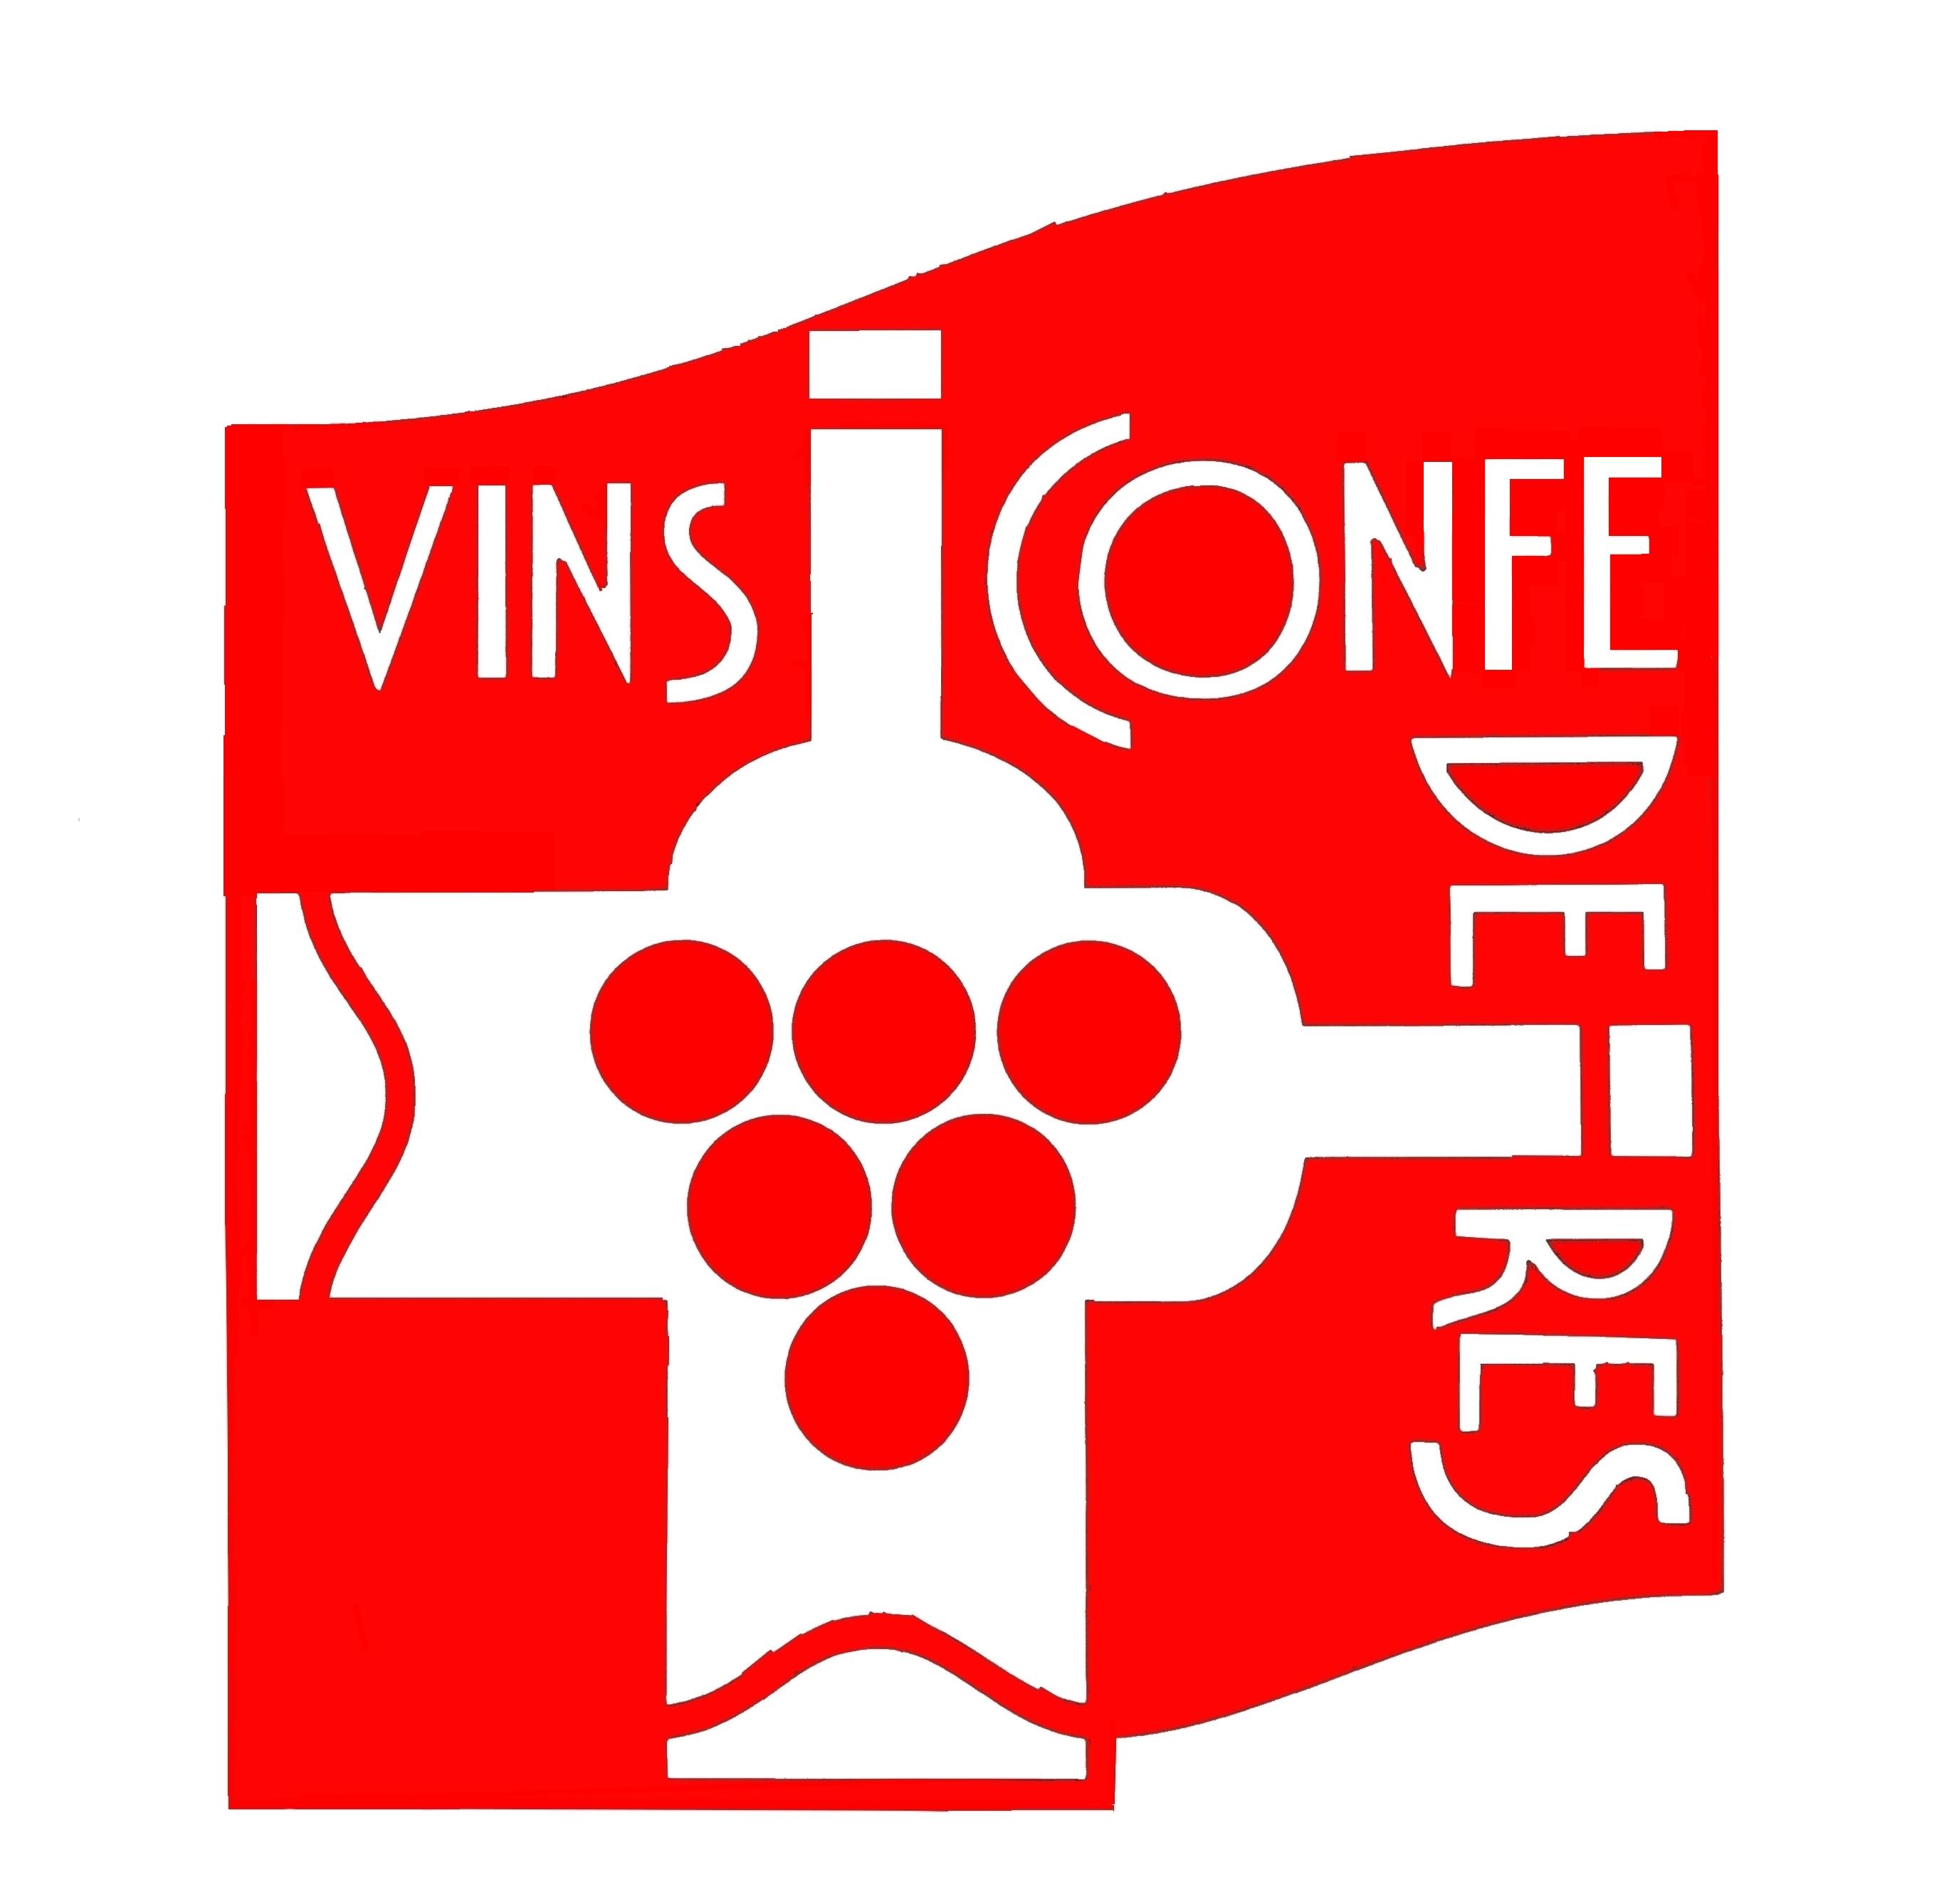 vins confederes pour Divinum